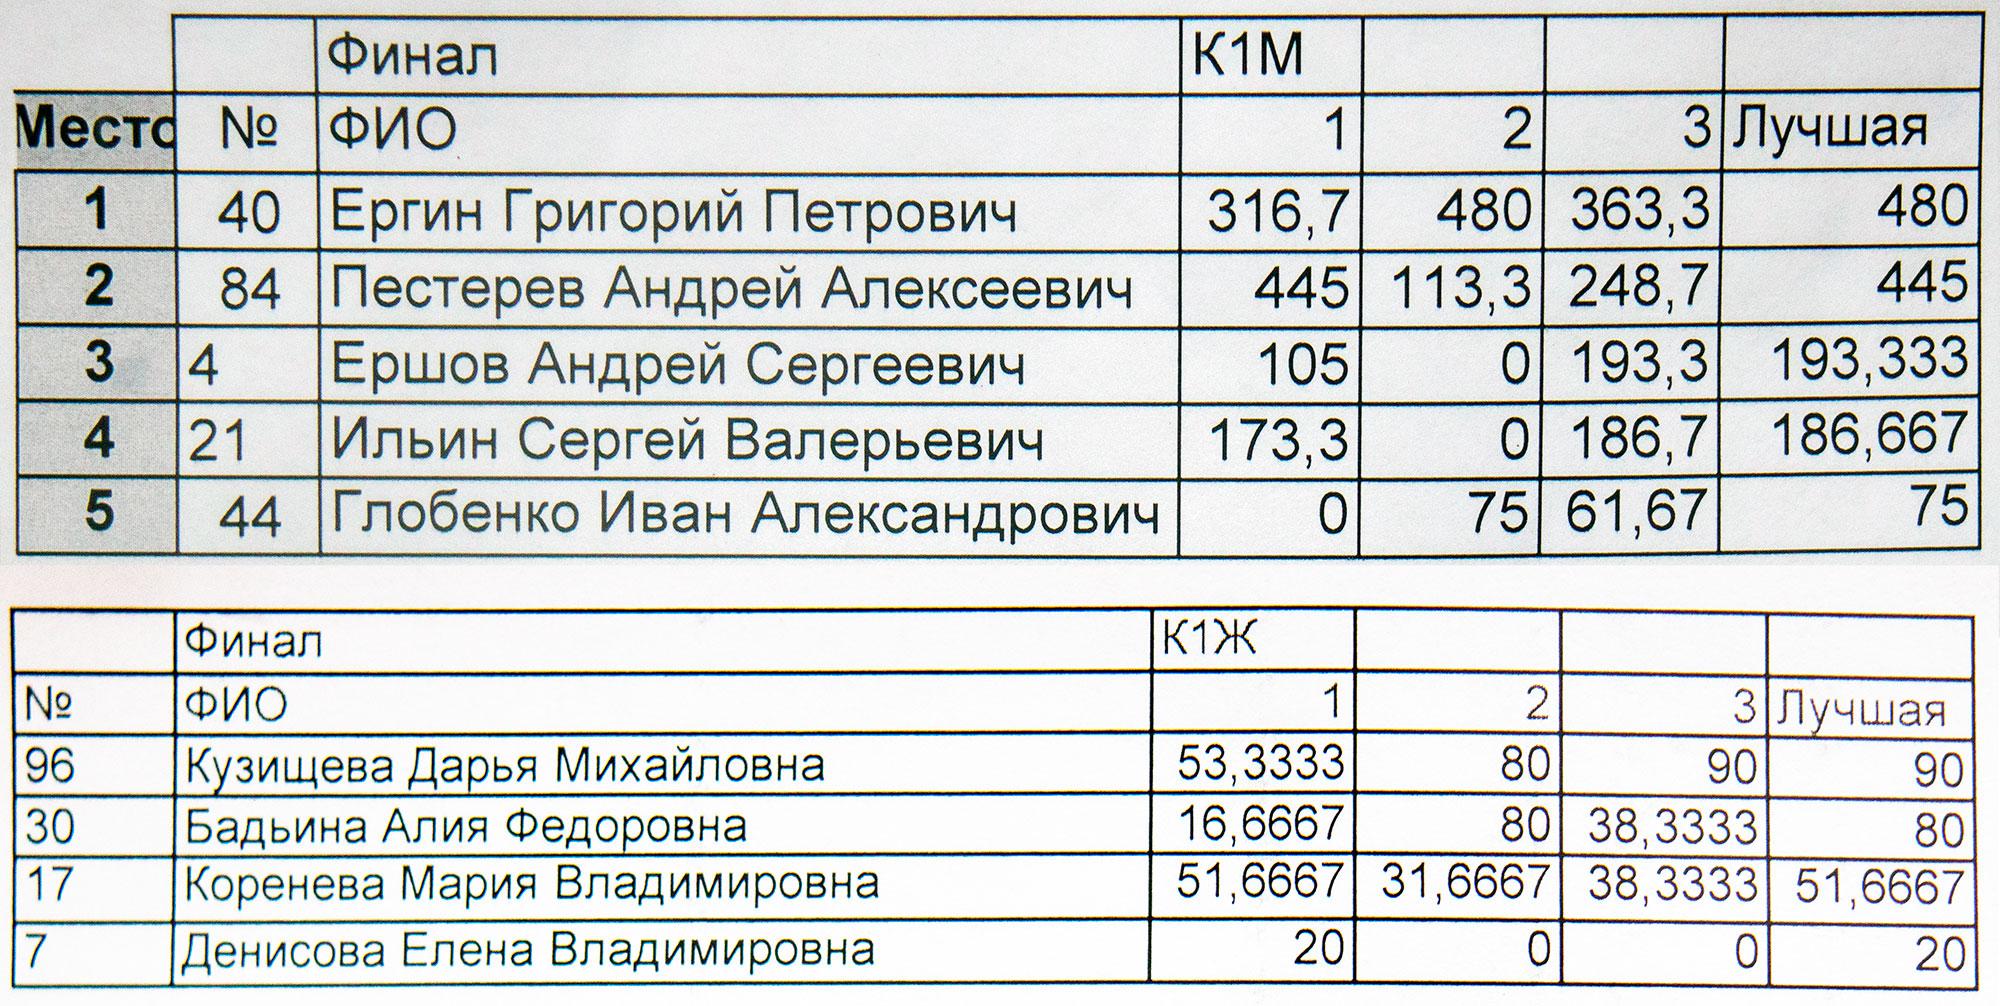 Чемпионат России по фристайлу на бурной воде 2021 года в Тивдии: результаты, протоколы